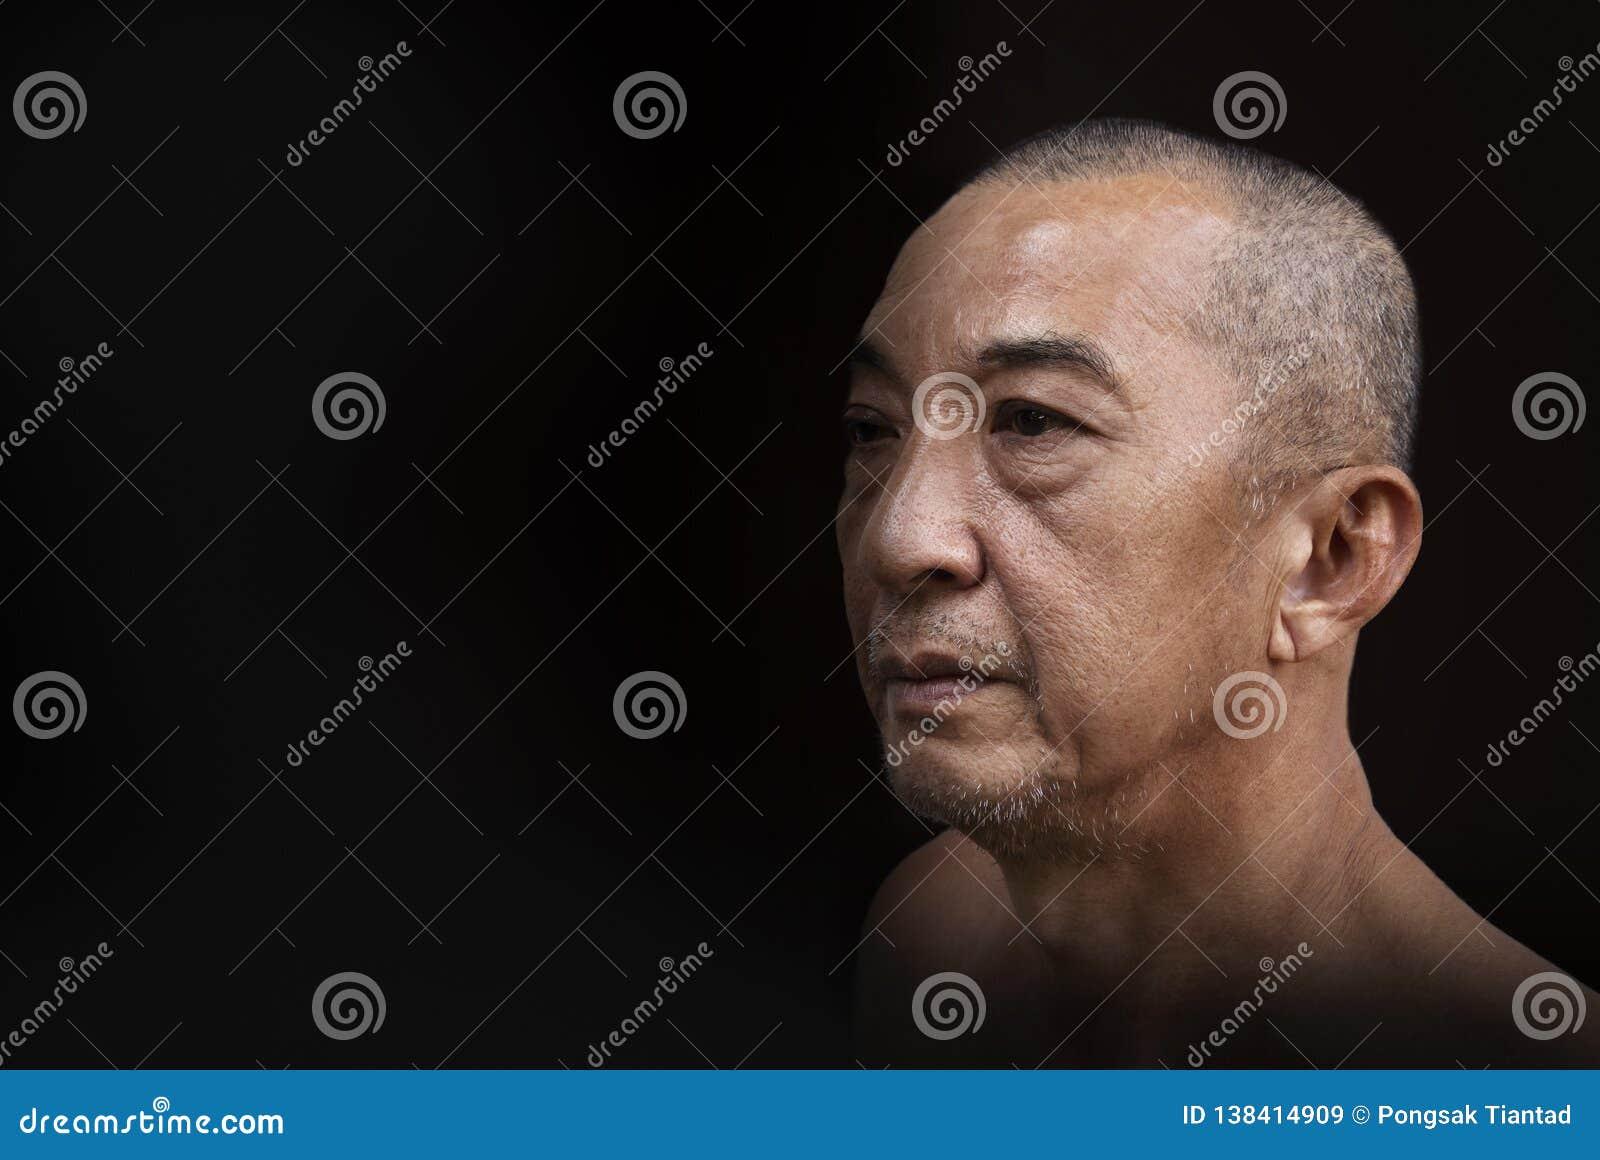 Las fotos hacen frente de un hombre mayor que muestre el compromiso